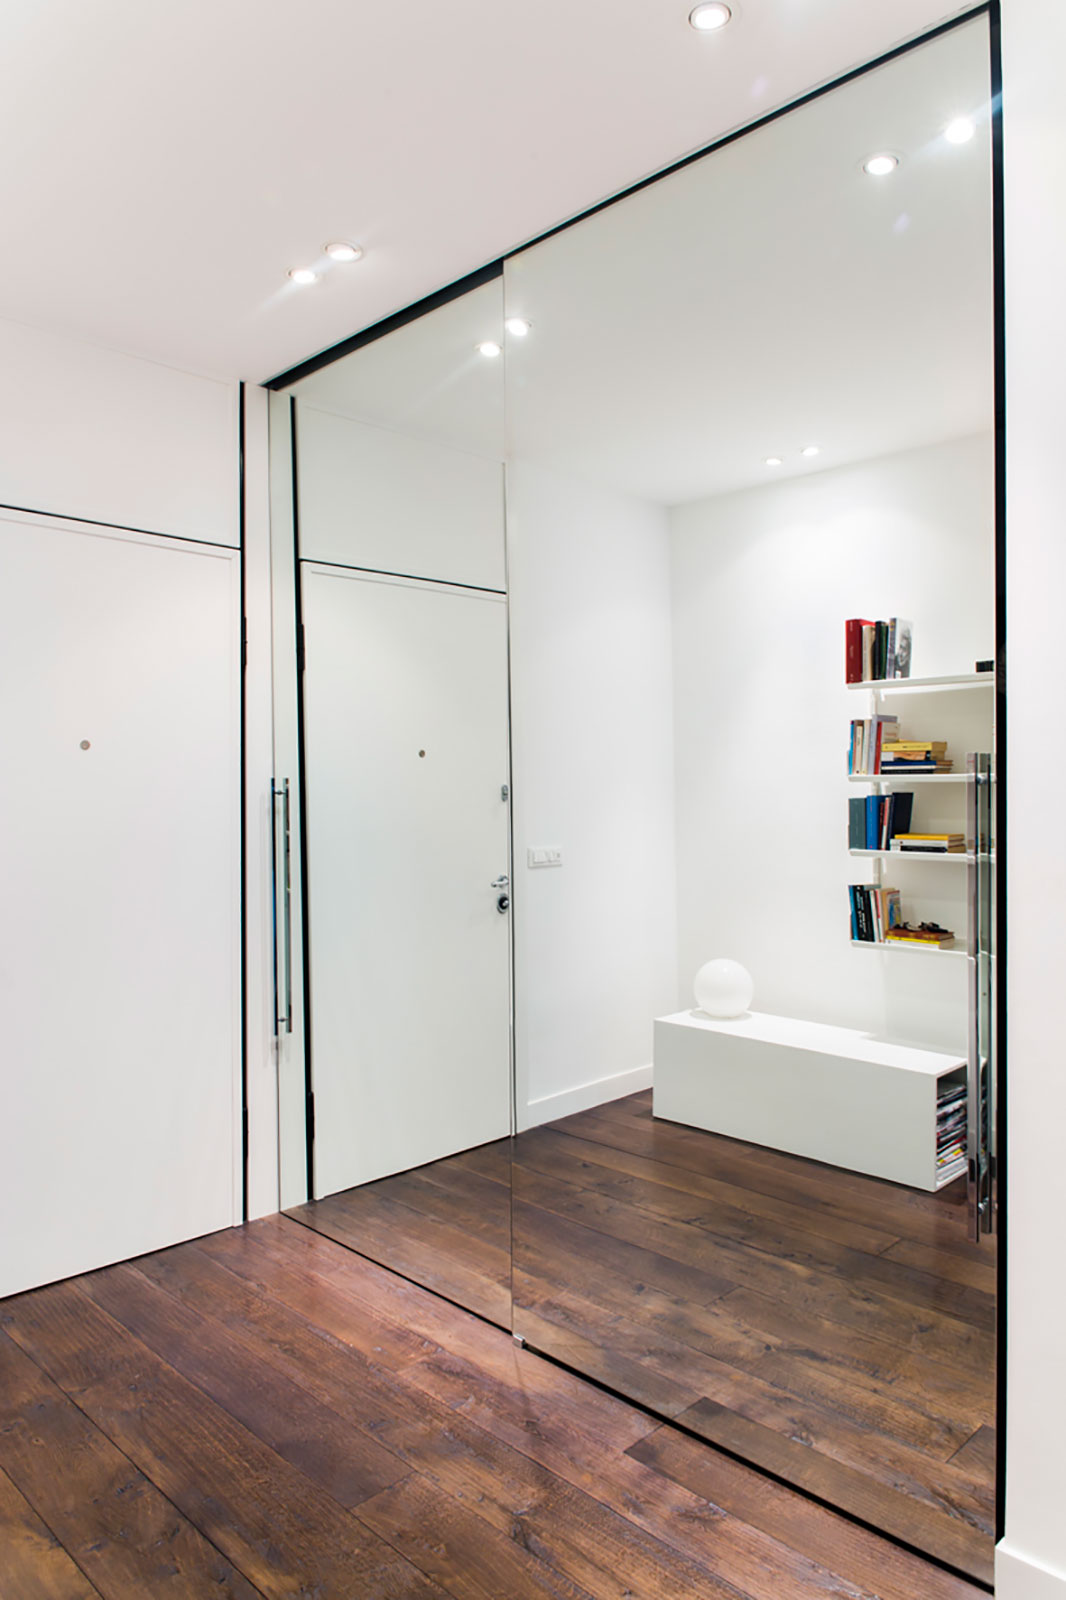 Ingrandire con lo specchio henry glass - Porta specchio scorrevole ...